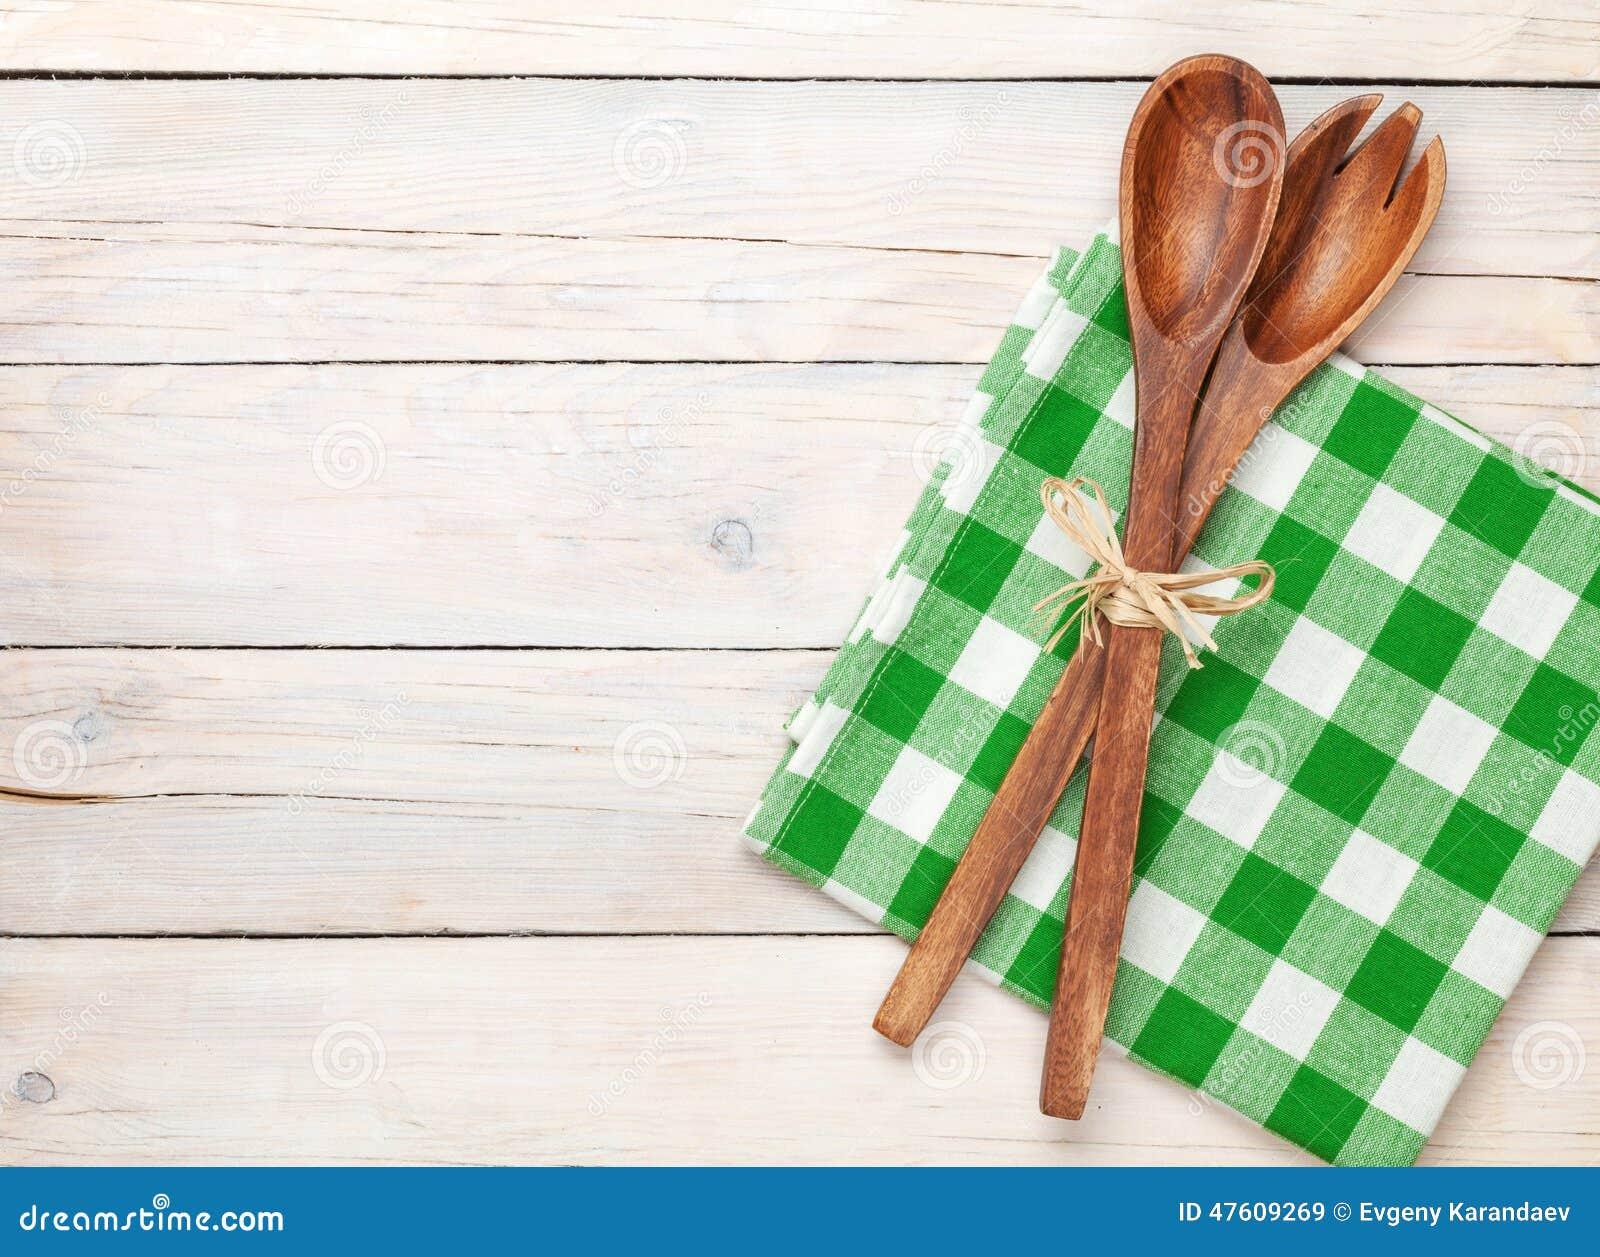 Kitchen Utensil Over White Wooden Table Background Stock